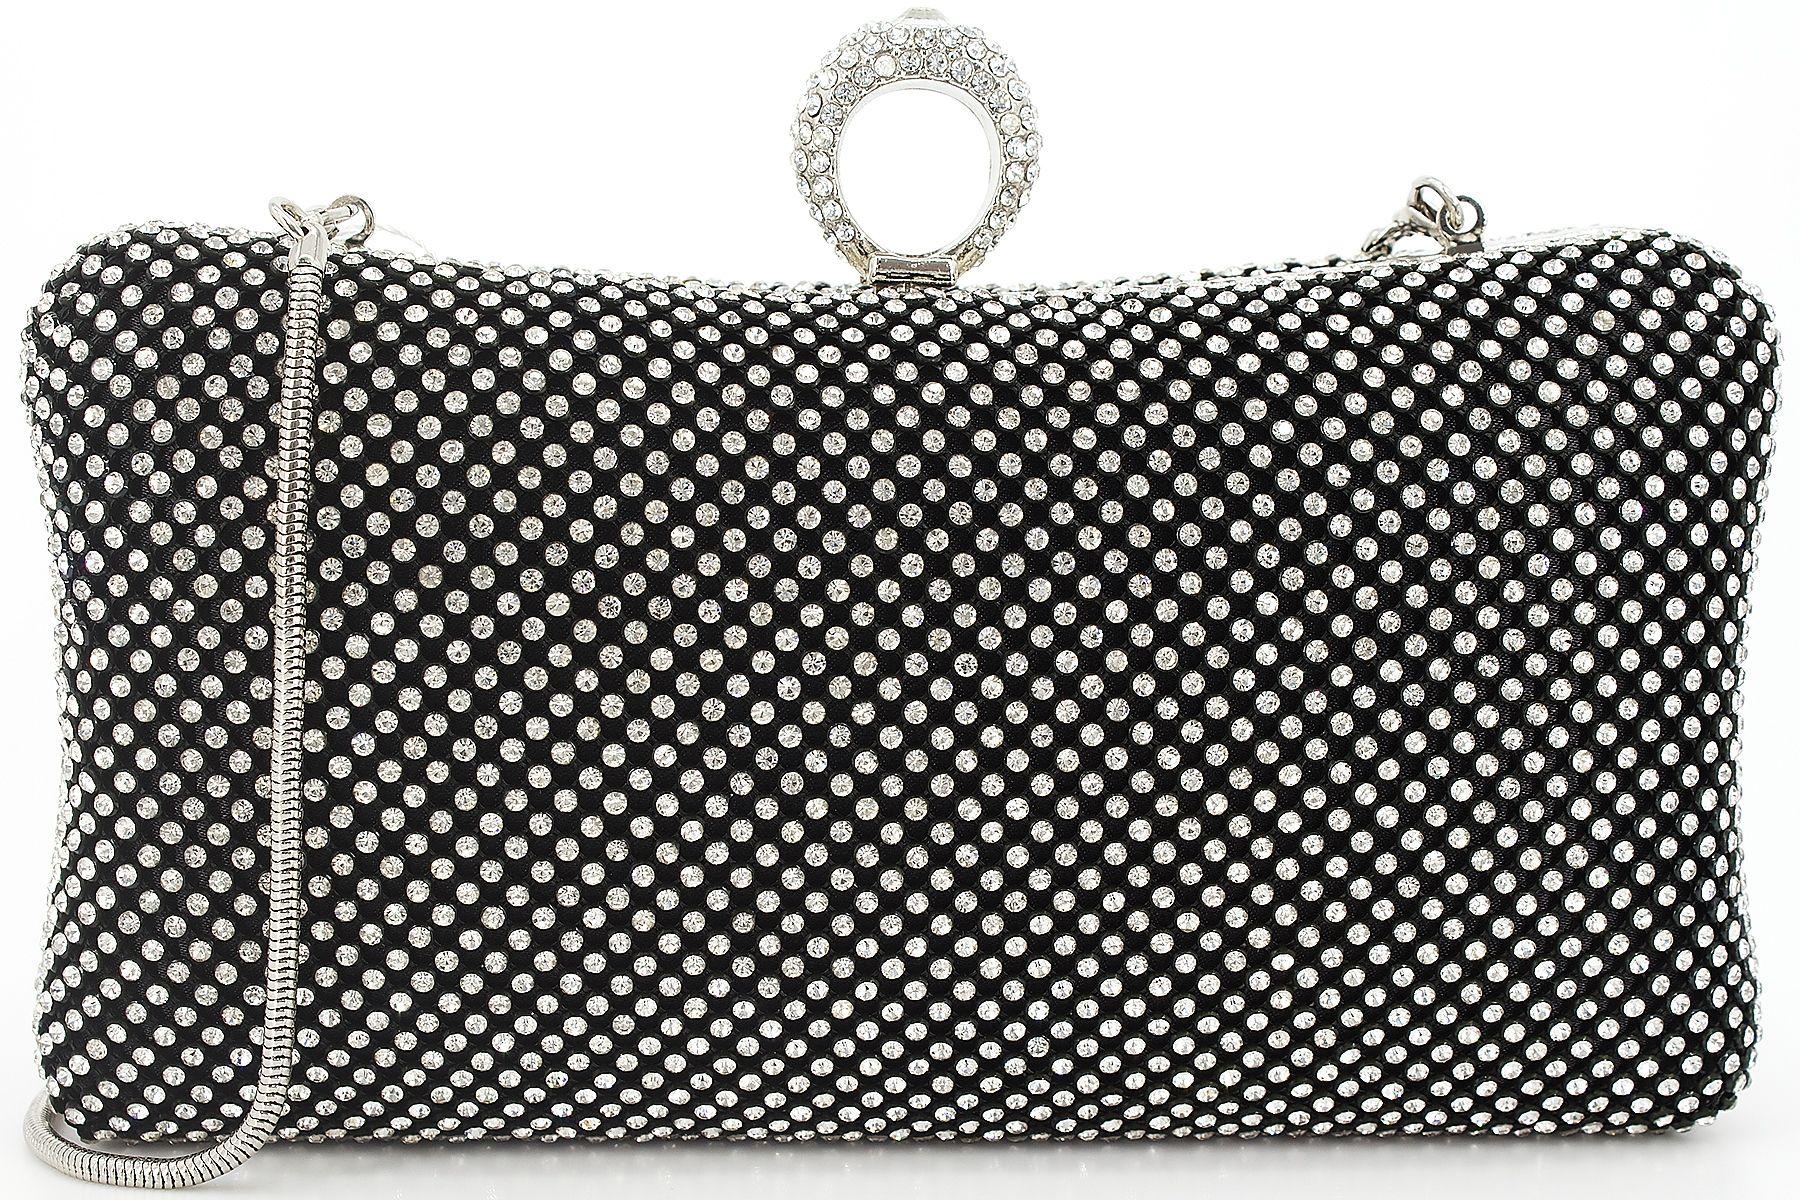 56a776d2f7 Dexmay Ring Rhinestone Crystal Clutch Purse Luxury Women Evening Bag for  Bridal Wedding Party Black